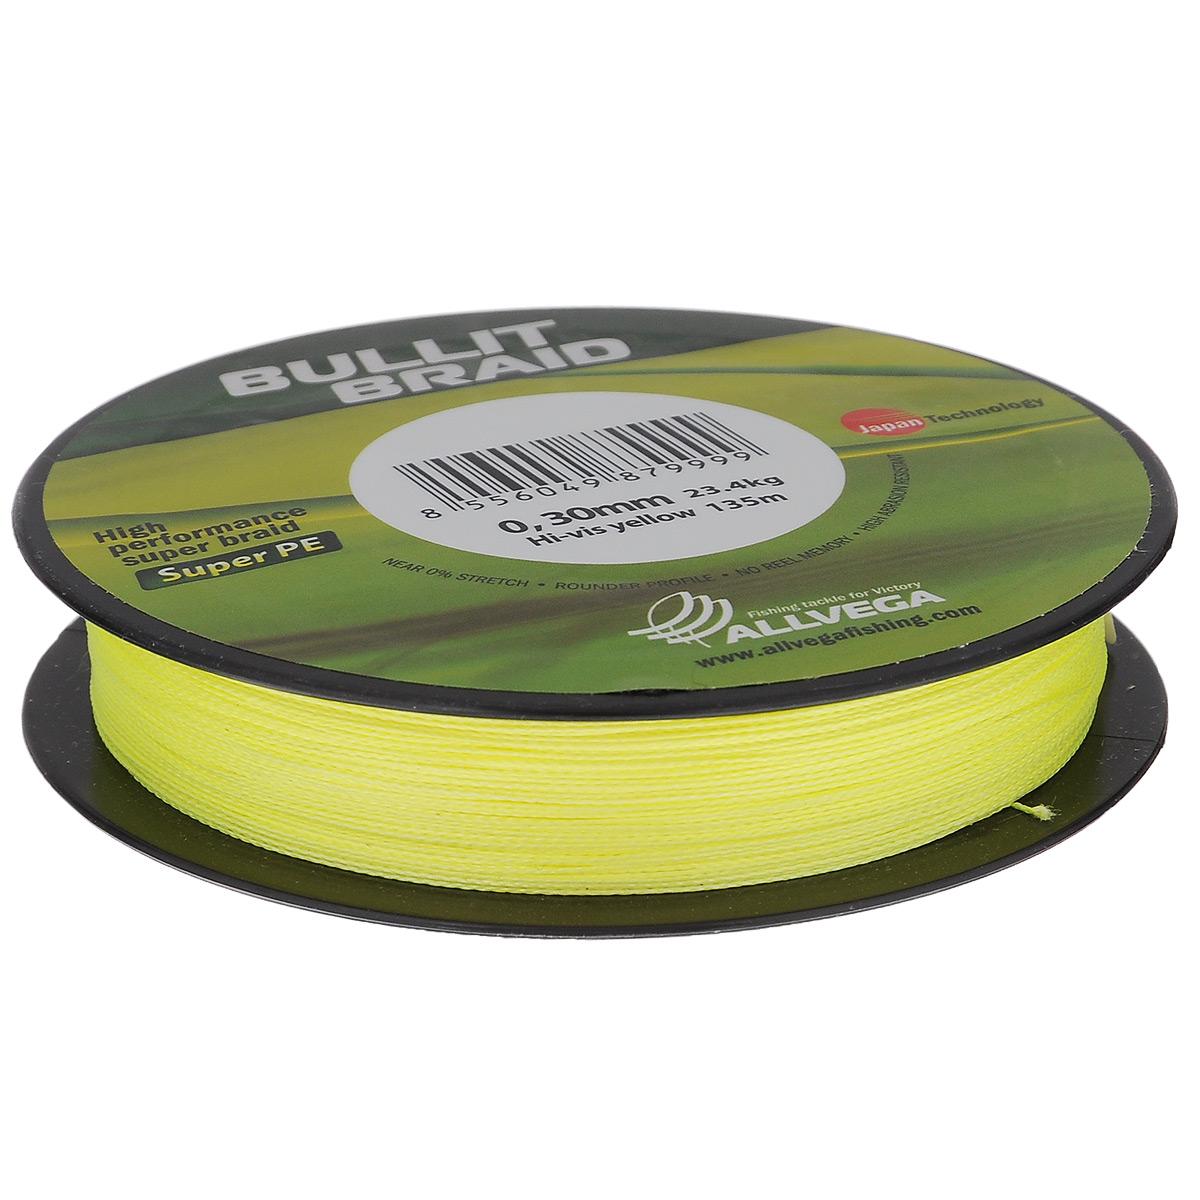 """Фото Леска плетеная Allvega """"Bullit Braid"""", цвет: ярко-желтый, 135 м, 0,3 мм, 23,4 кг"""